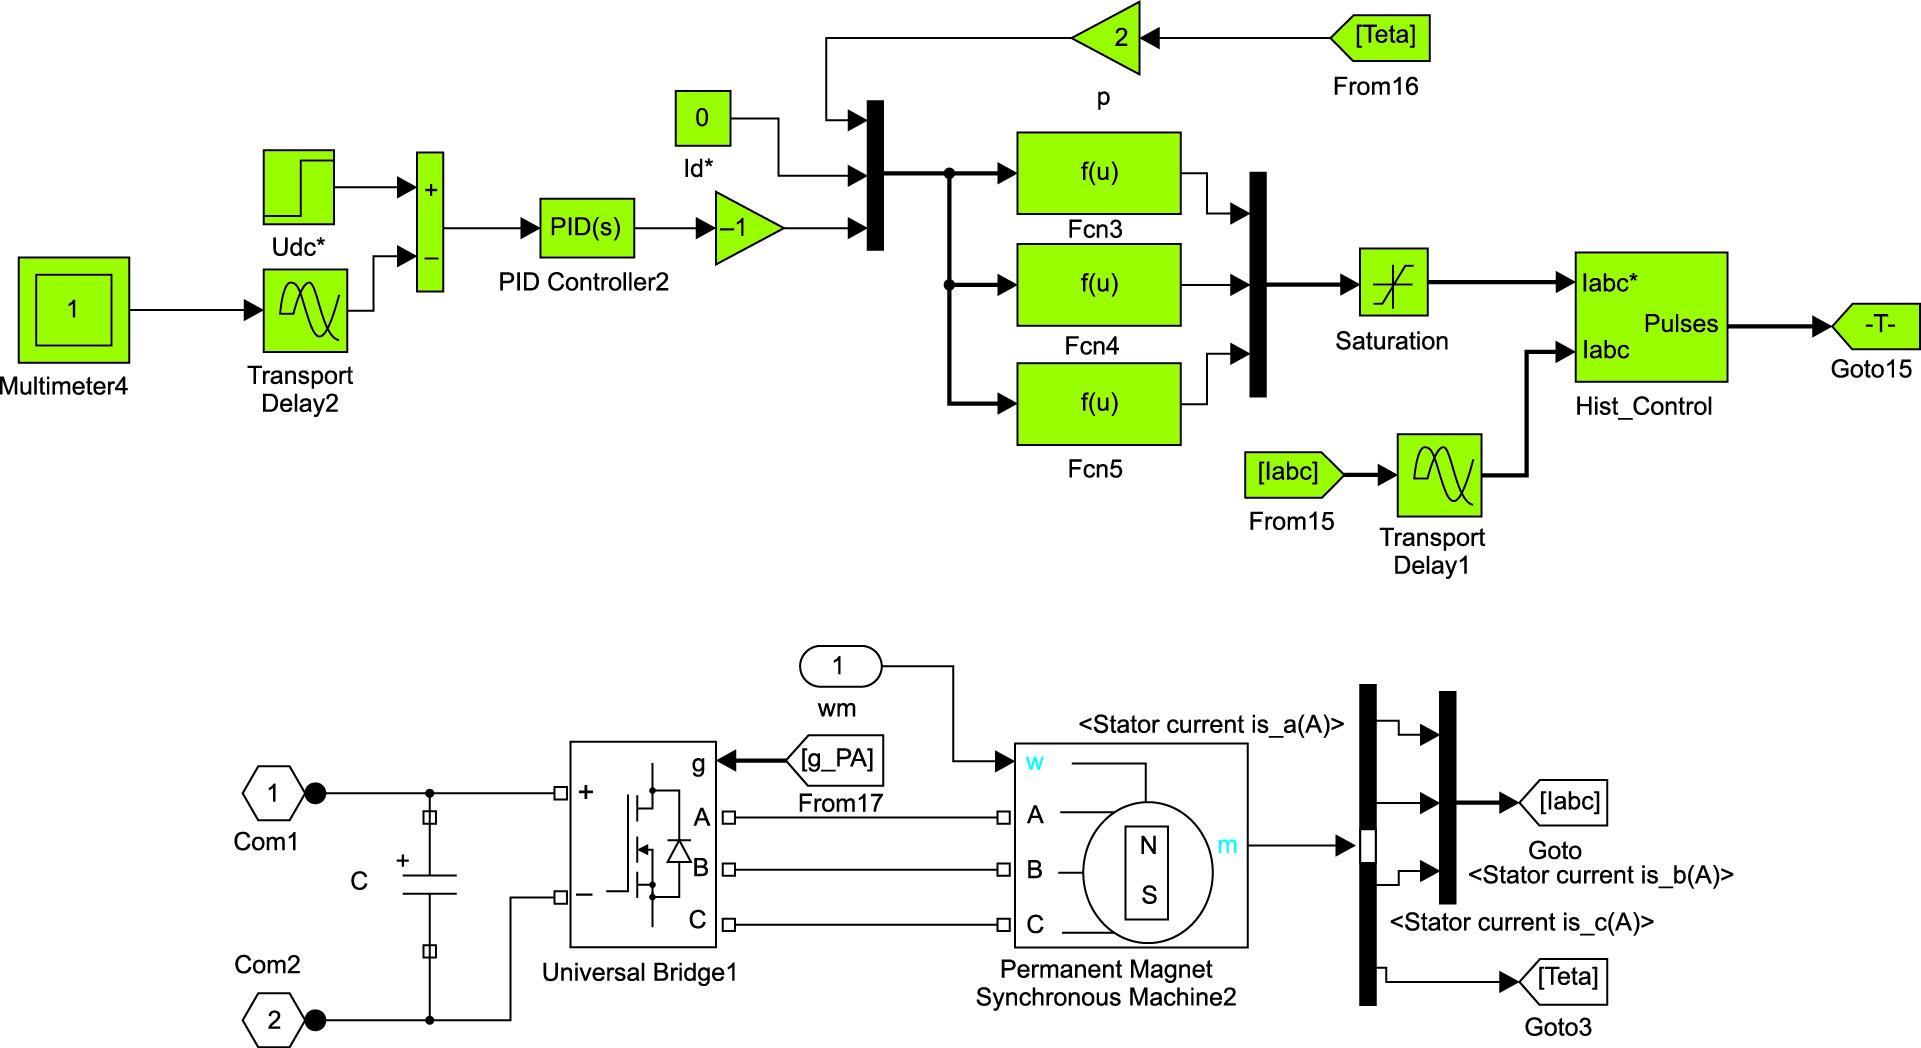 Модель мехатронной системы с магнитоэлектрическим генератором и активным полупроводниковым выпрямителем